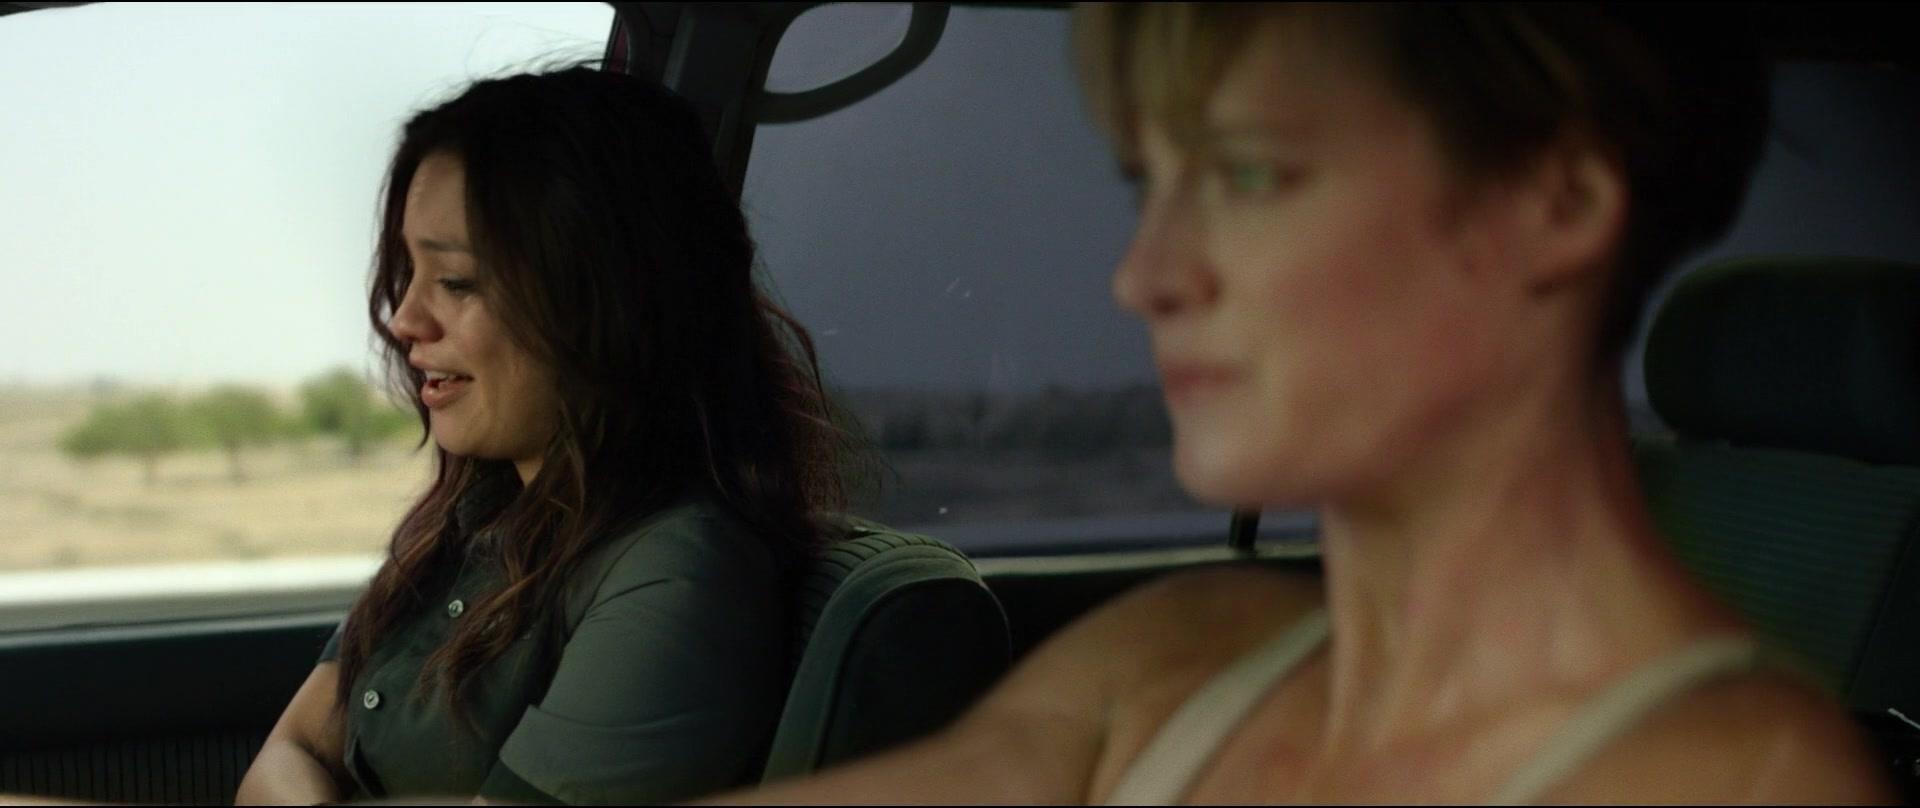 Terminator: Dark Fate (2019) 1080p BluRay x264-SPARKS